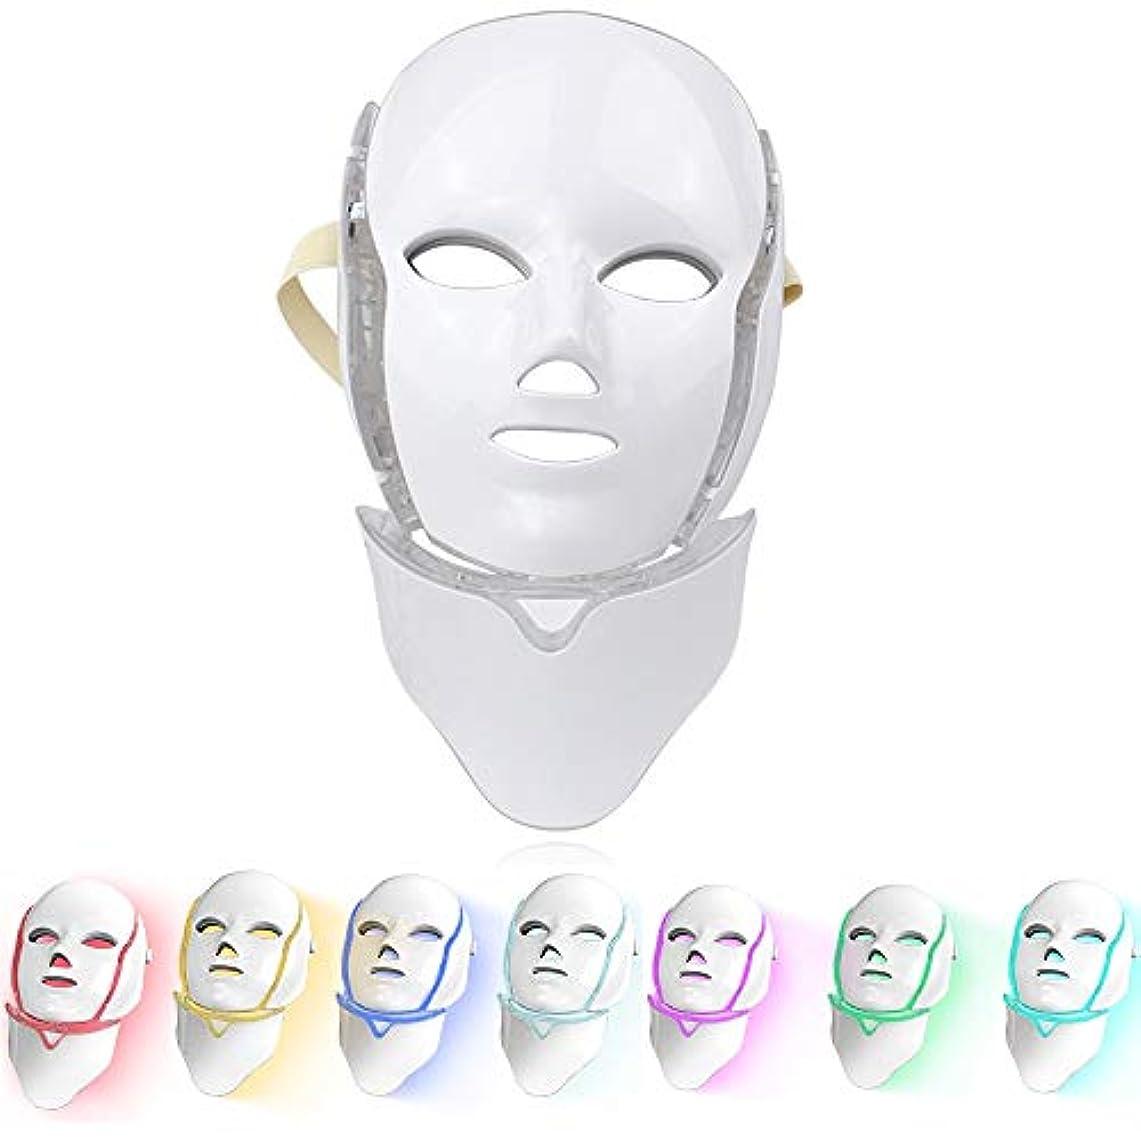 はぁ命題散る7色LED顔面美容スキンケアの若返りシワ除去女性のためのアンチエイジング電気デバイス